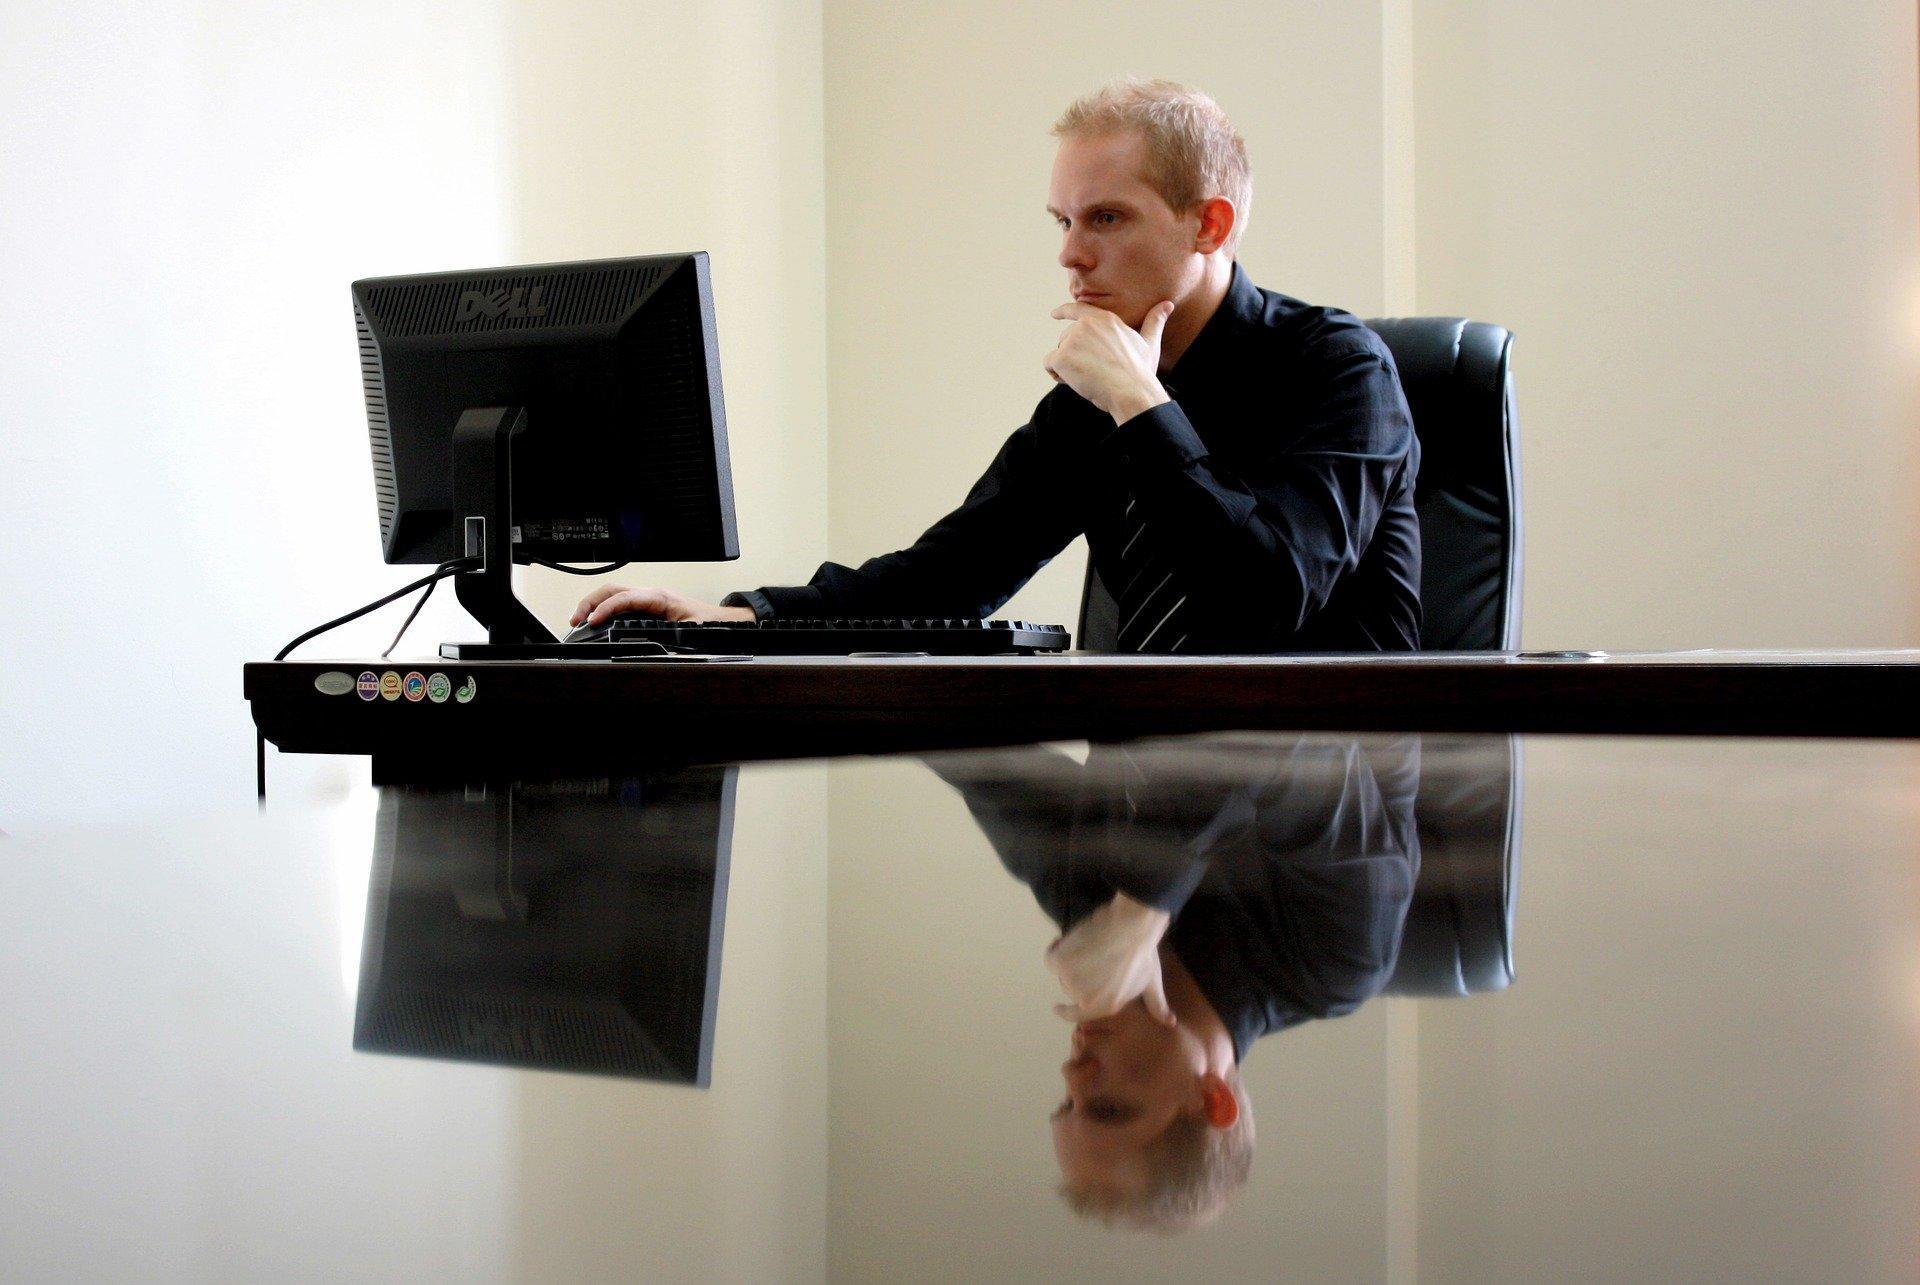 entrepreneur working at a desk